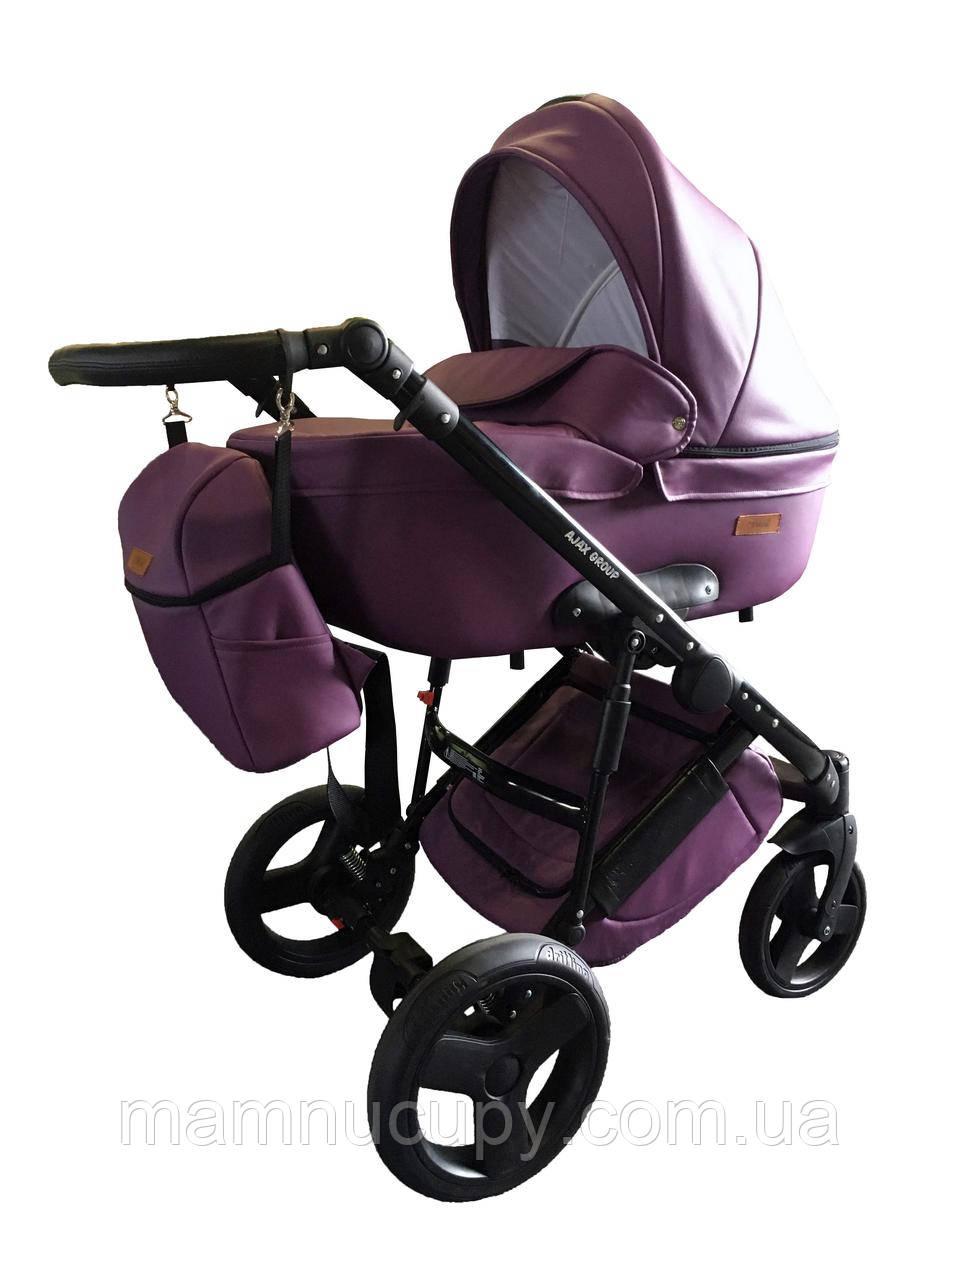 Детская универсальная коляска 2 в 1 Ajax Group AMMI A-41 фиолет (эко-кожа)